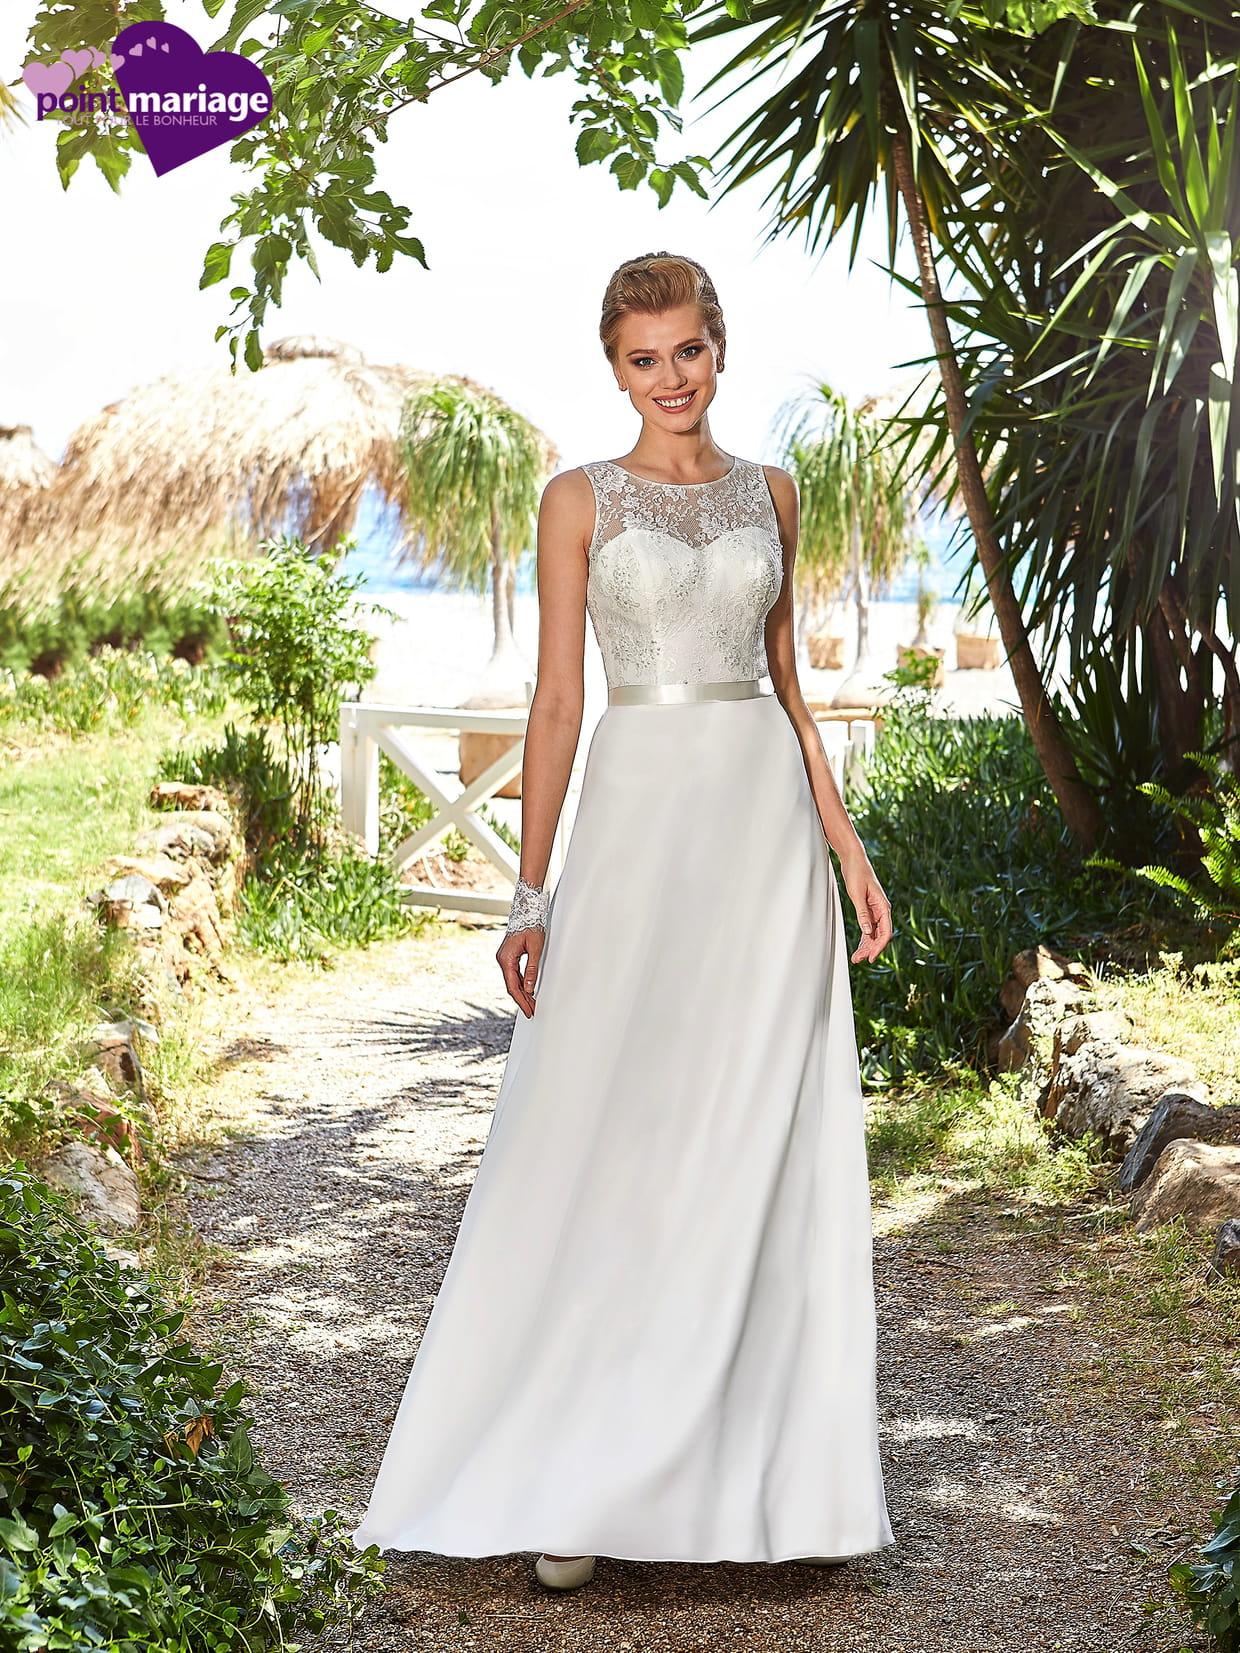 Robe de mari e riga point mariage for Robes de mariage abordables